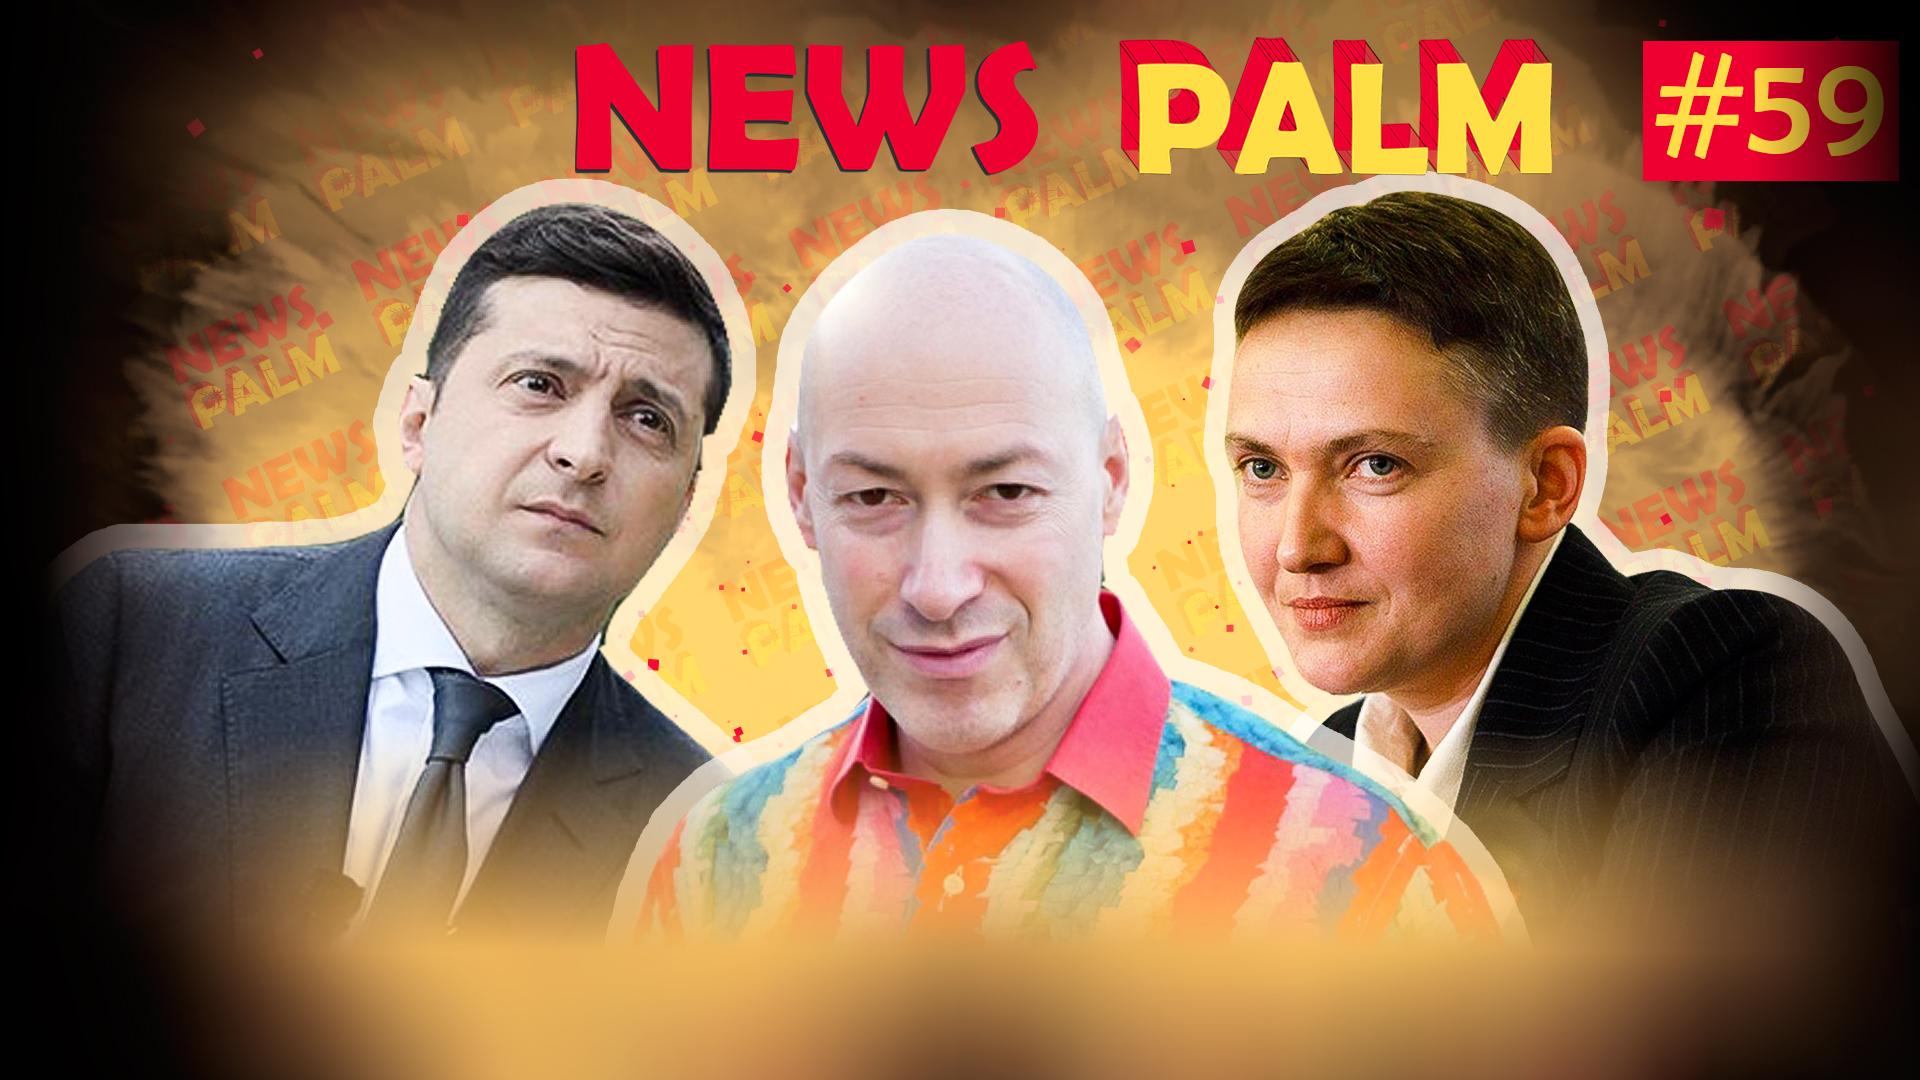 Жертва Зеленський, сексист Гордон та мозолі Савченко / Ньюспалм #59